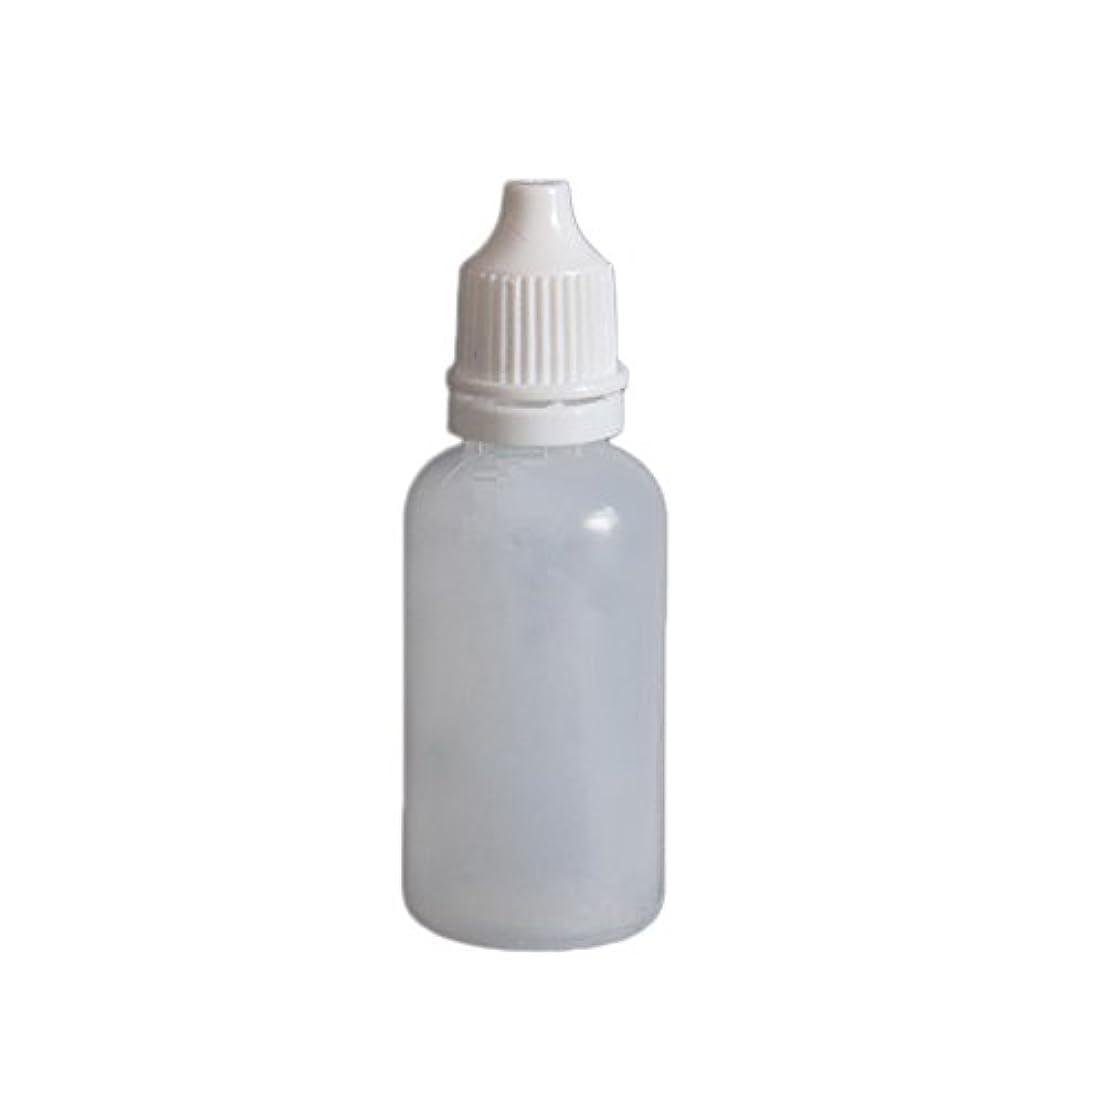 石鹸カリキュラムさておきGrandmart プラスチックスポイト瓶 目薬スポイト瓶 ドロッパーボトル スポイトタイプ容器点眼 滴瓶 10個セット